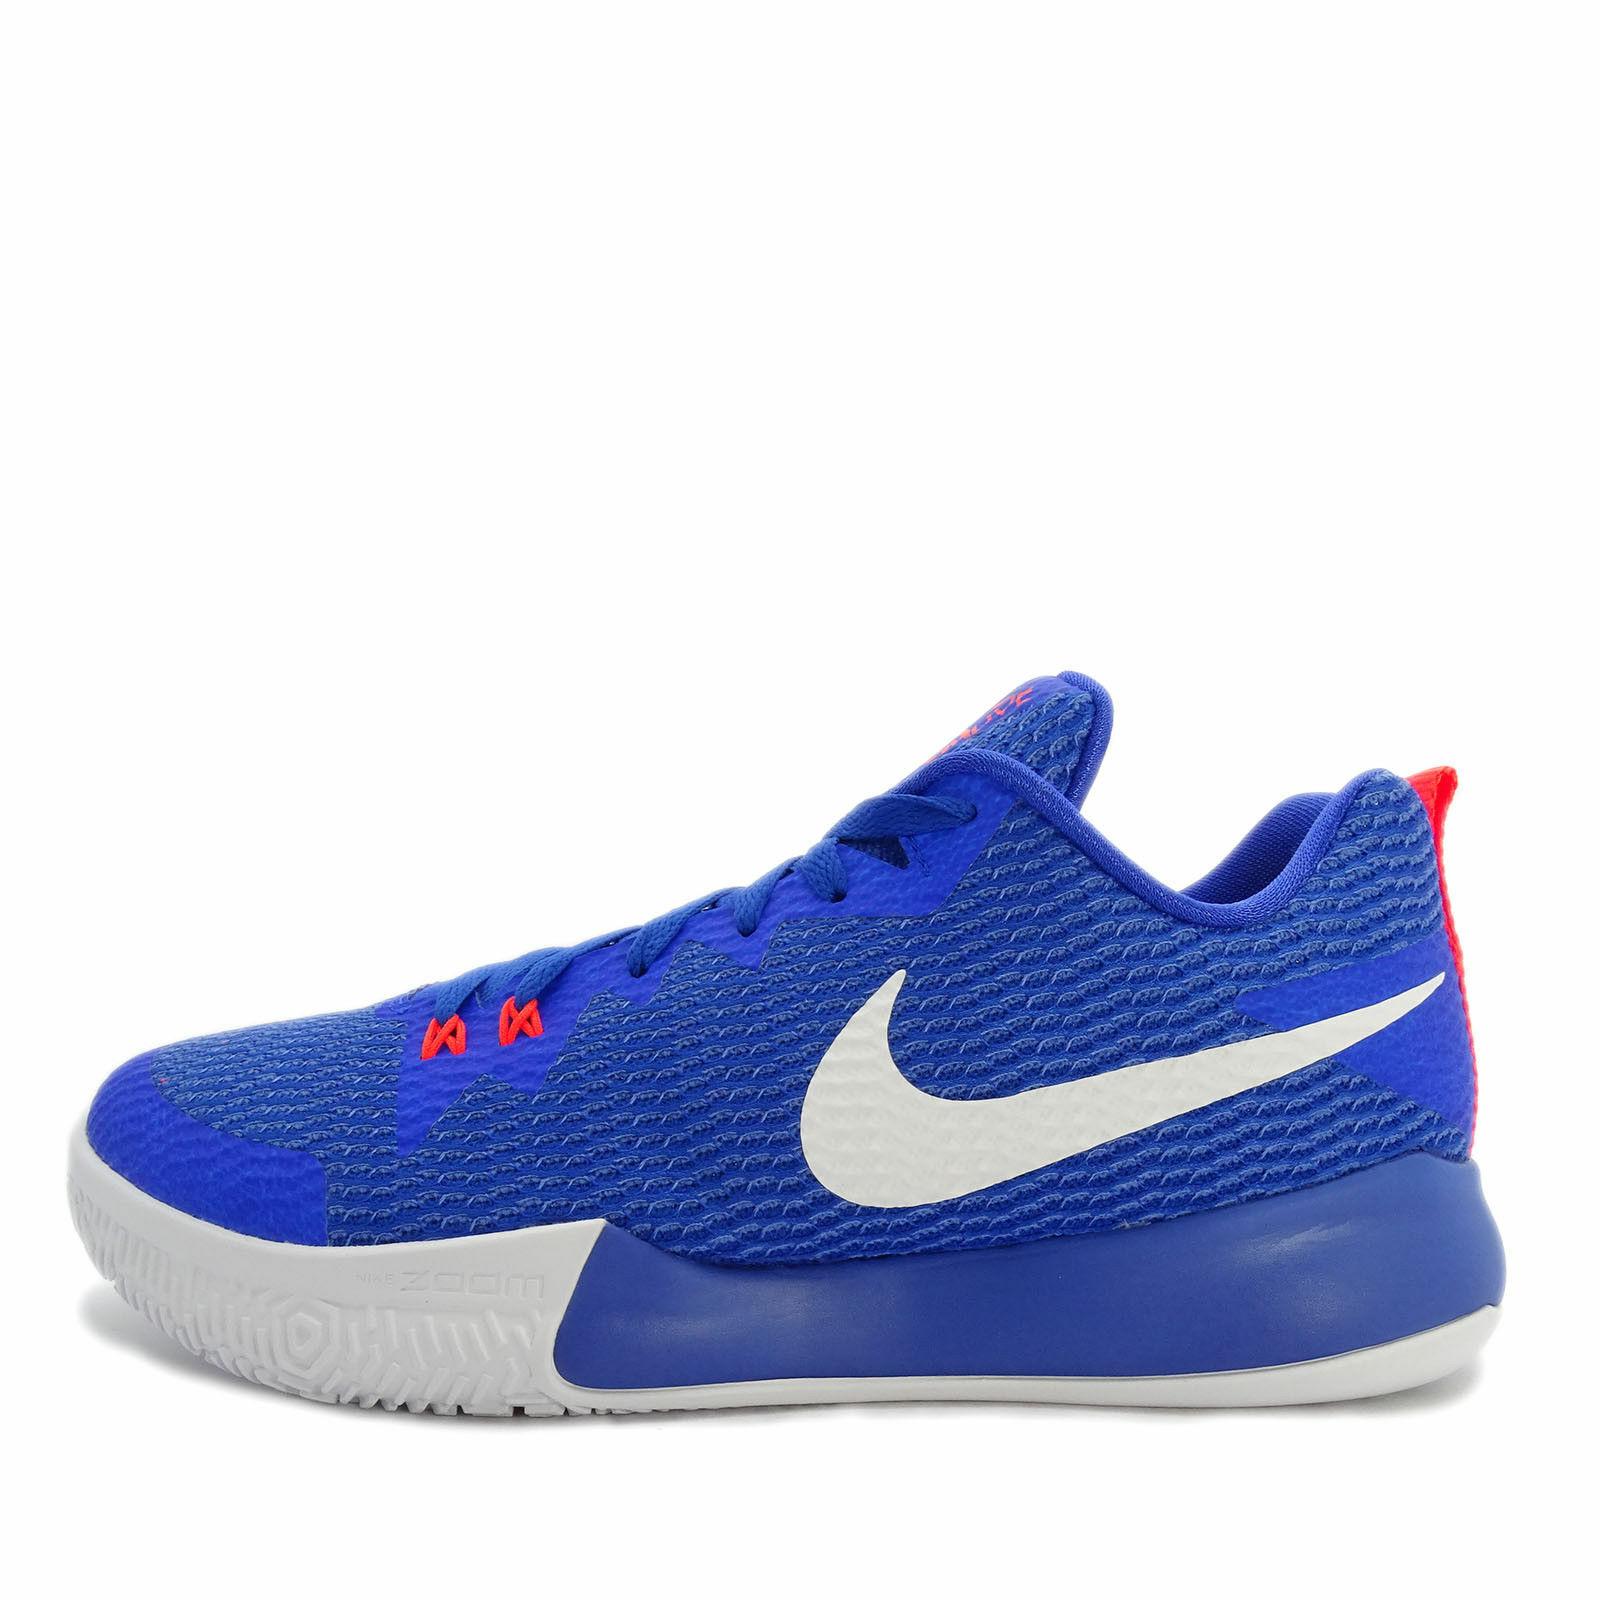 0034ac886 NIKE Mens bluee   White Zoom Live II Basketball shoes Trainers US 10.5  ah7566-40